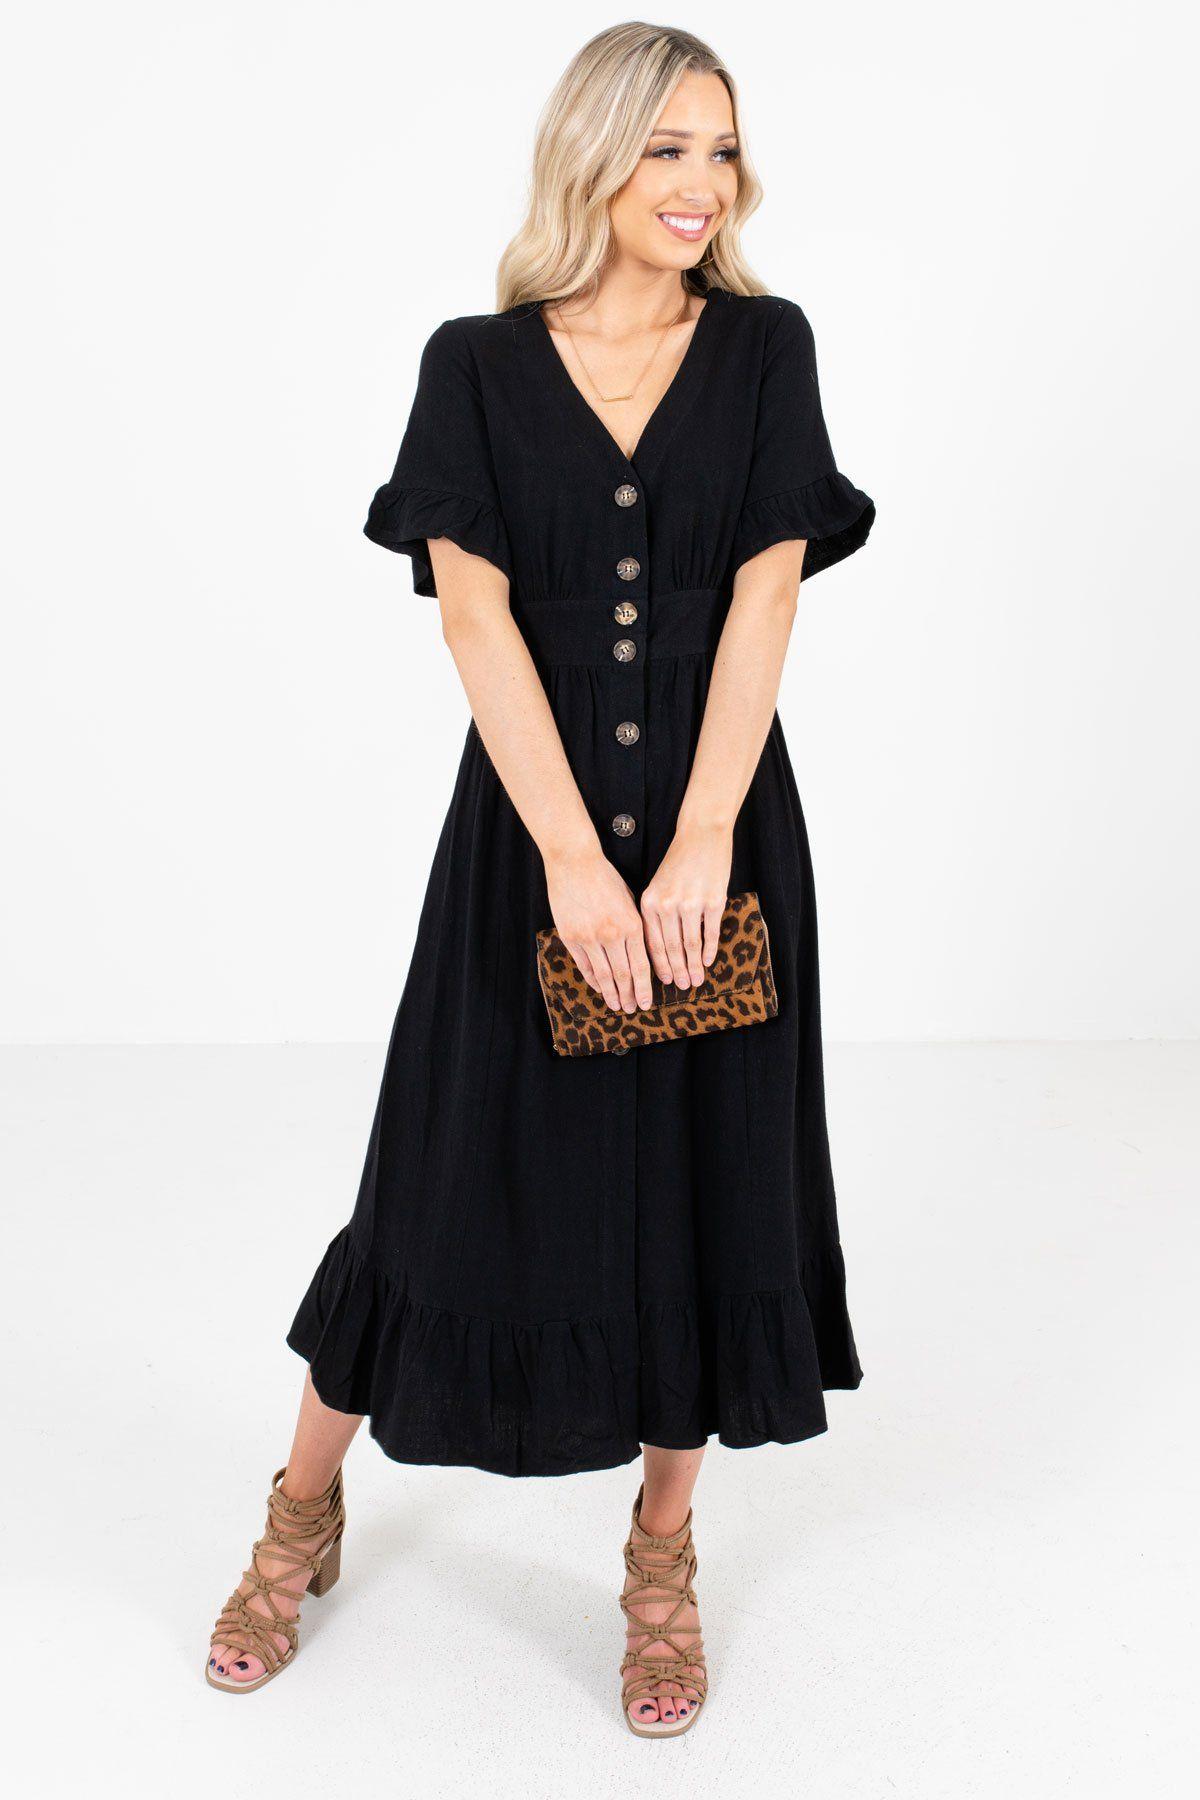 Headed Downtown Black Midi Dress In 2020 Black Midi Dress Midi Length Dress Dresses [ 1800 x 1200 Pixel ]